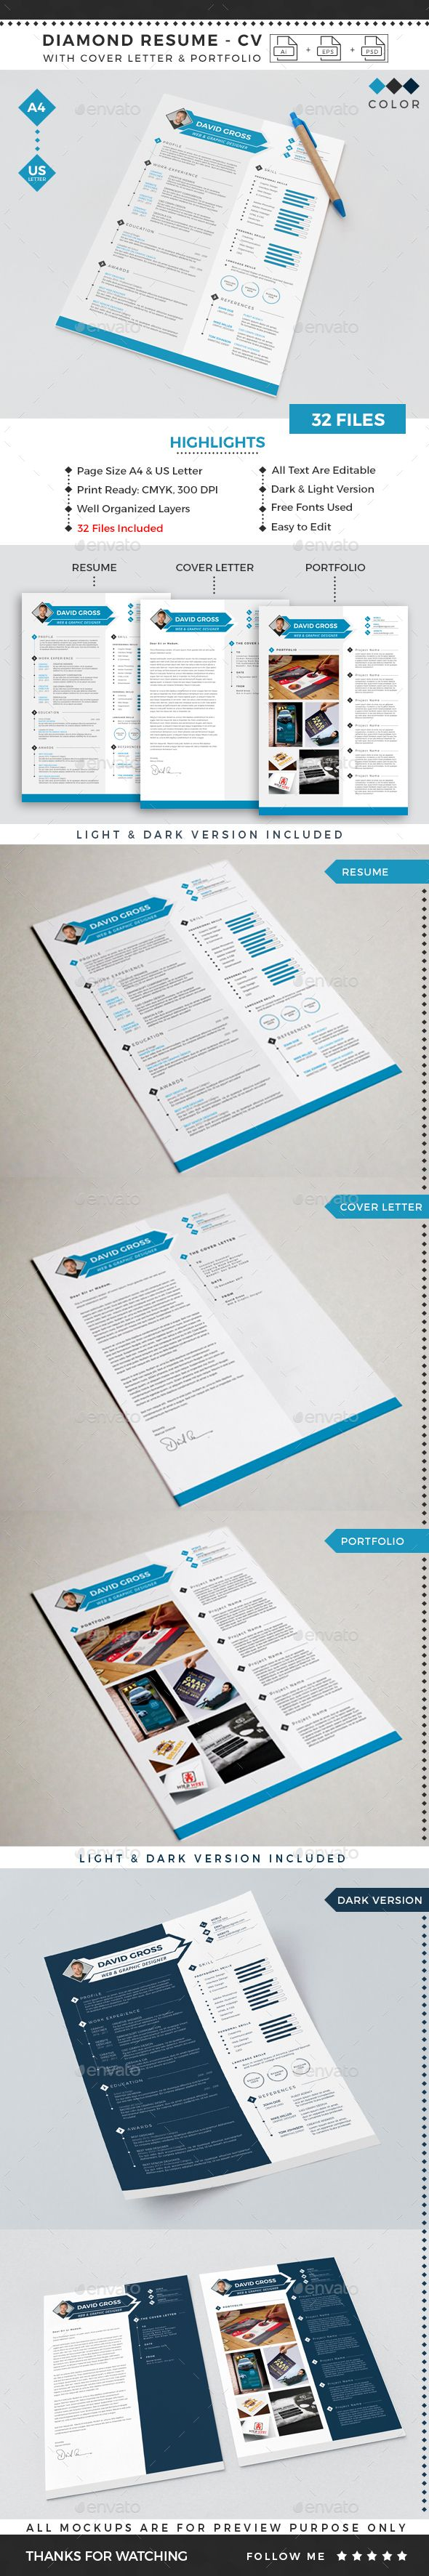 create print free resume diamond resume cv template cv template resume cv print